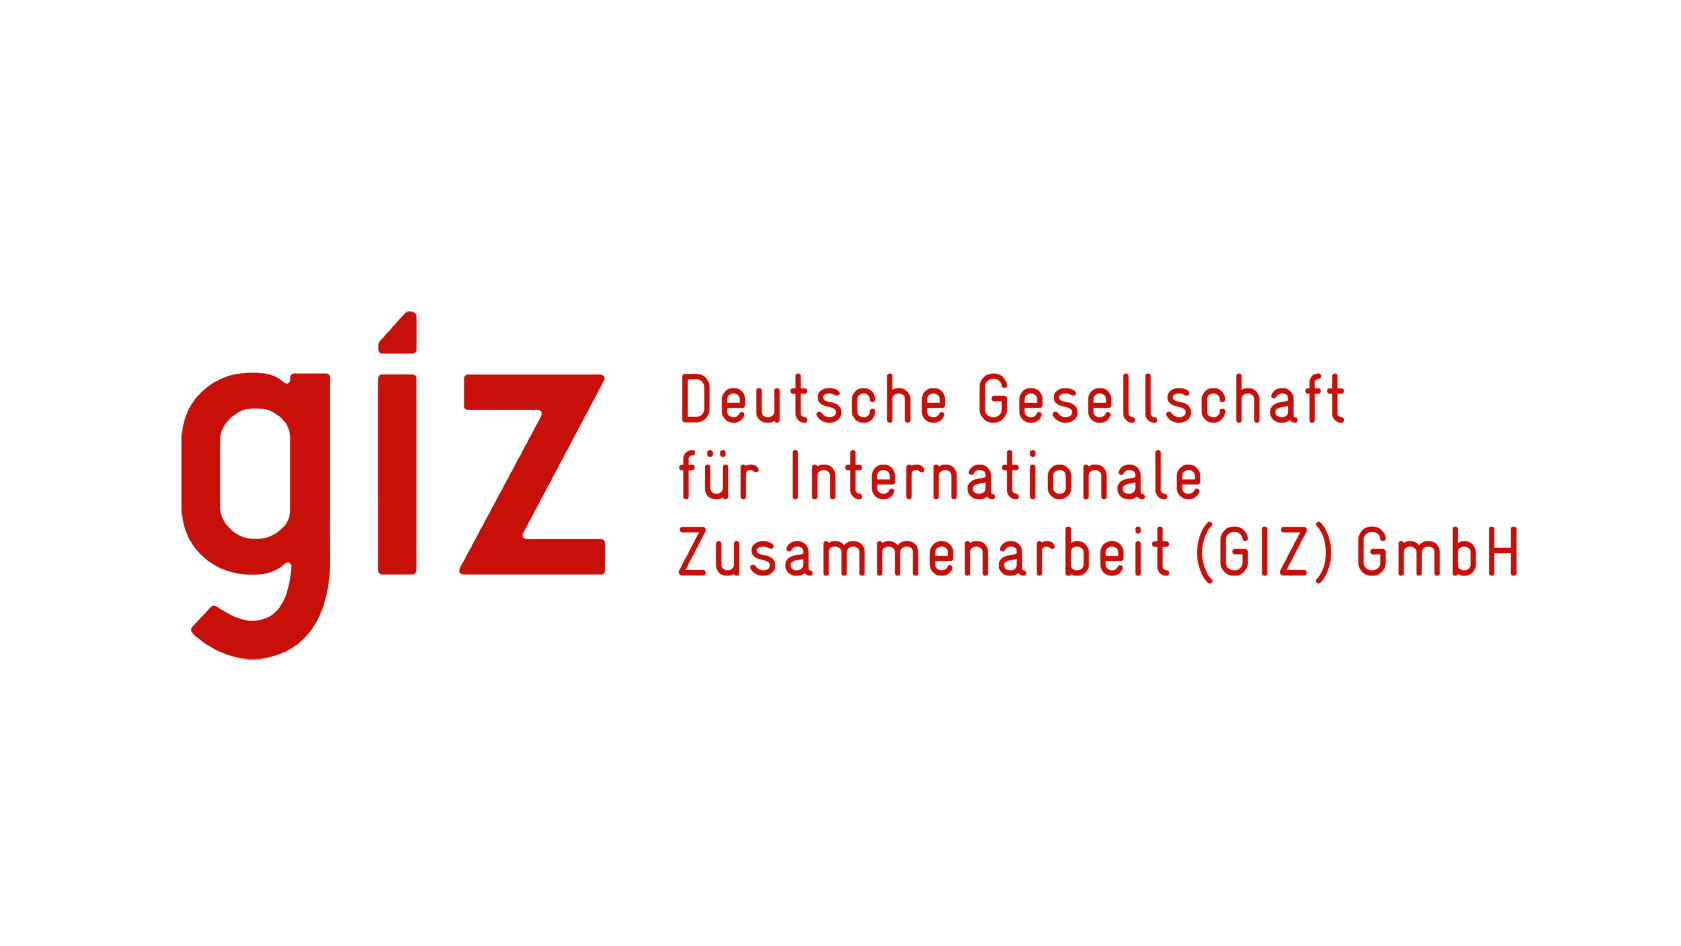 Logo: Deutsche Gesellschaft für Internationale Zusammenarbeit (GIZ)